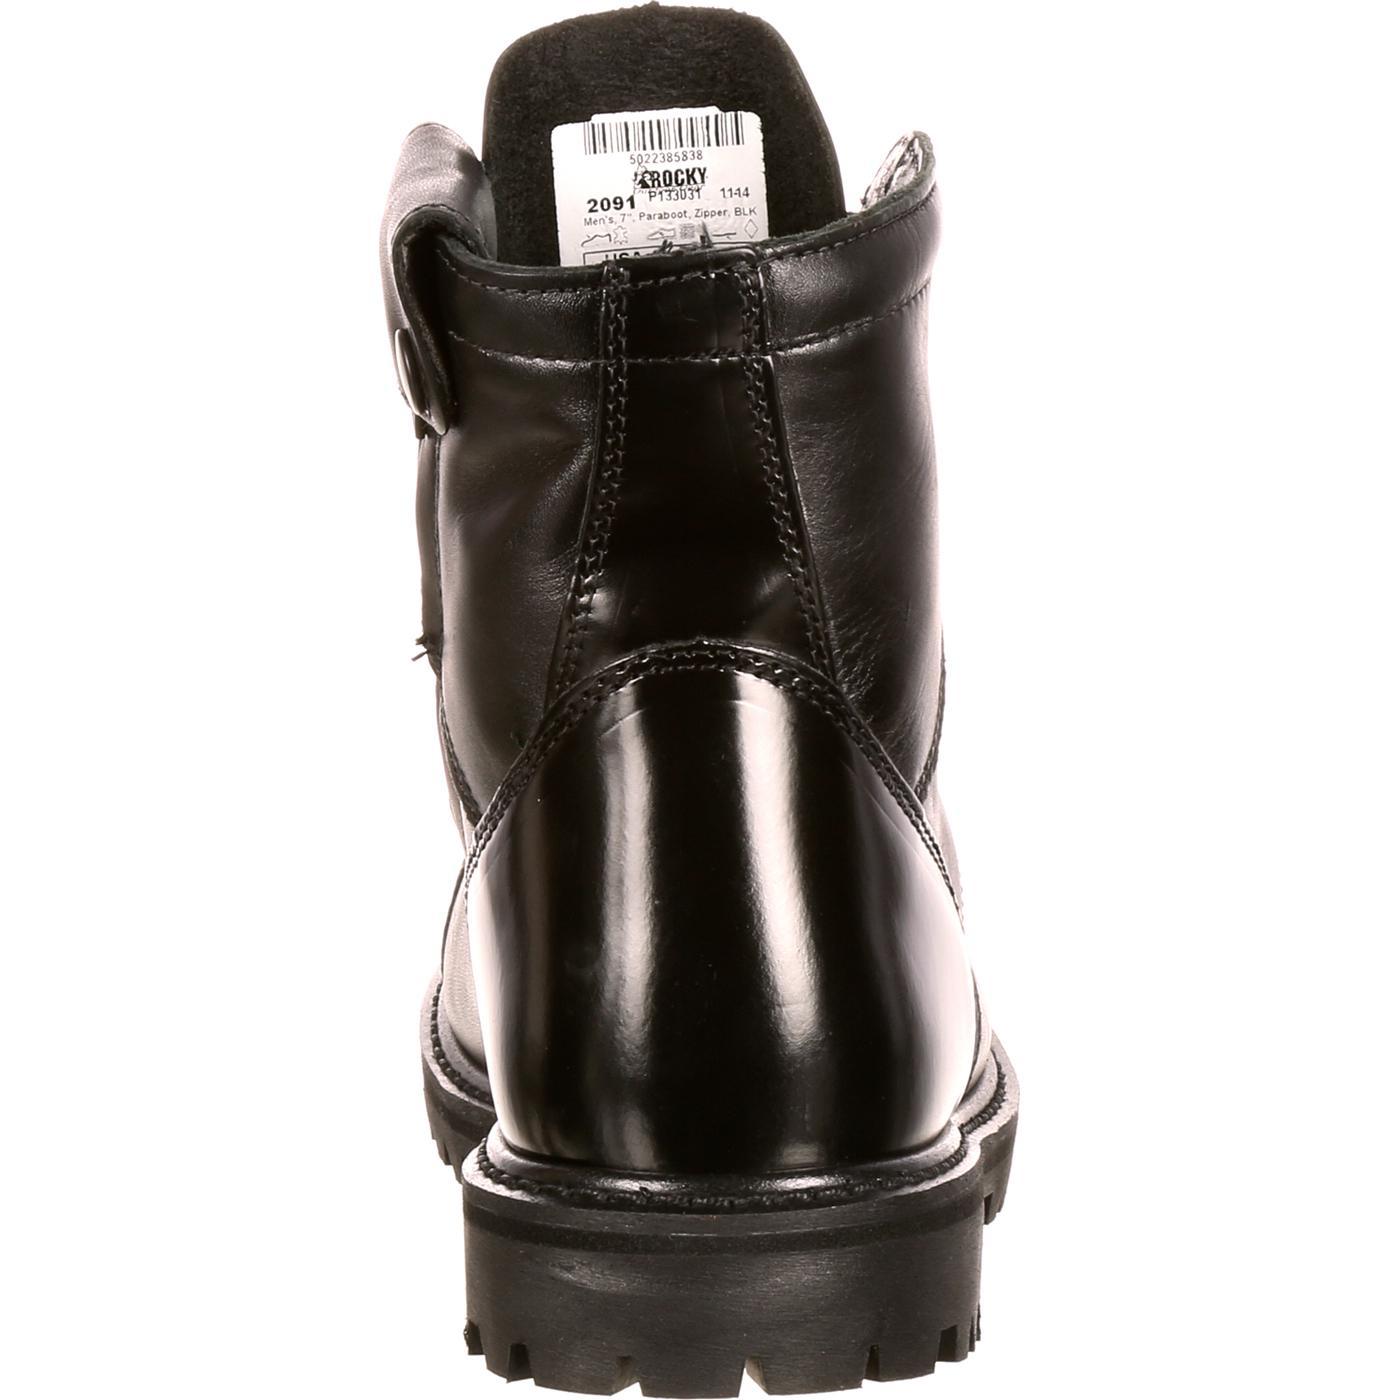 14a420ff9c5 Rocky Side Zipper Jump Boot